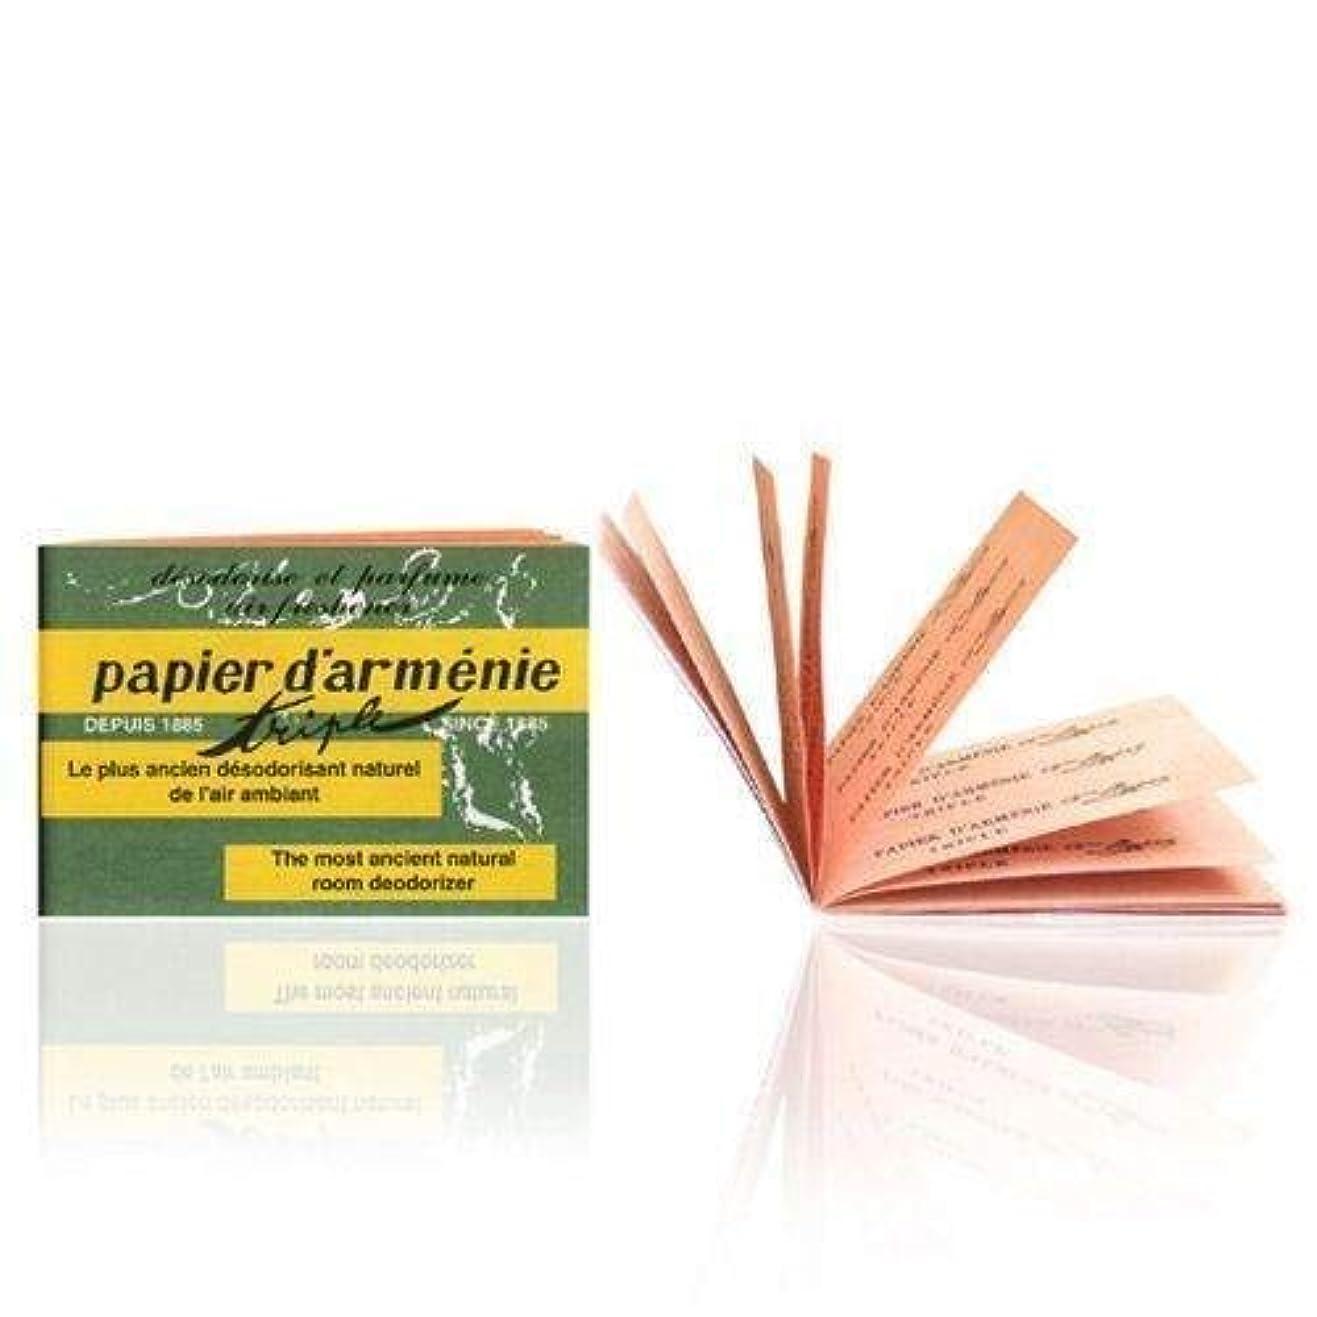 概念蒸シャイニングPapier d'Arménie パピエダルメニイ トリプル 紙のお香 フランス直送 [並行輸入品]